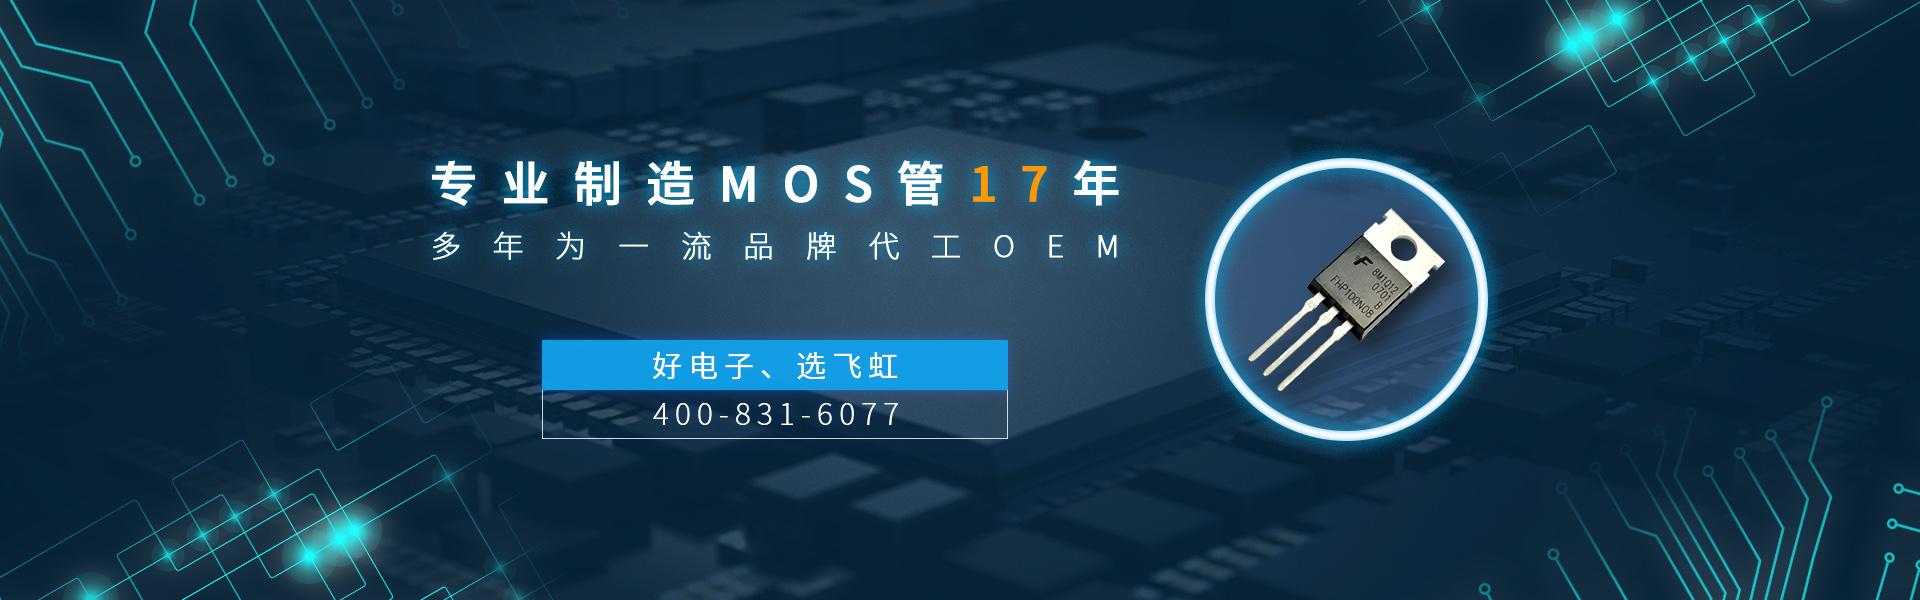 广州mos管厂家找18luck电子,17年专业制造经验